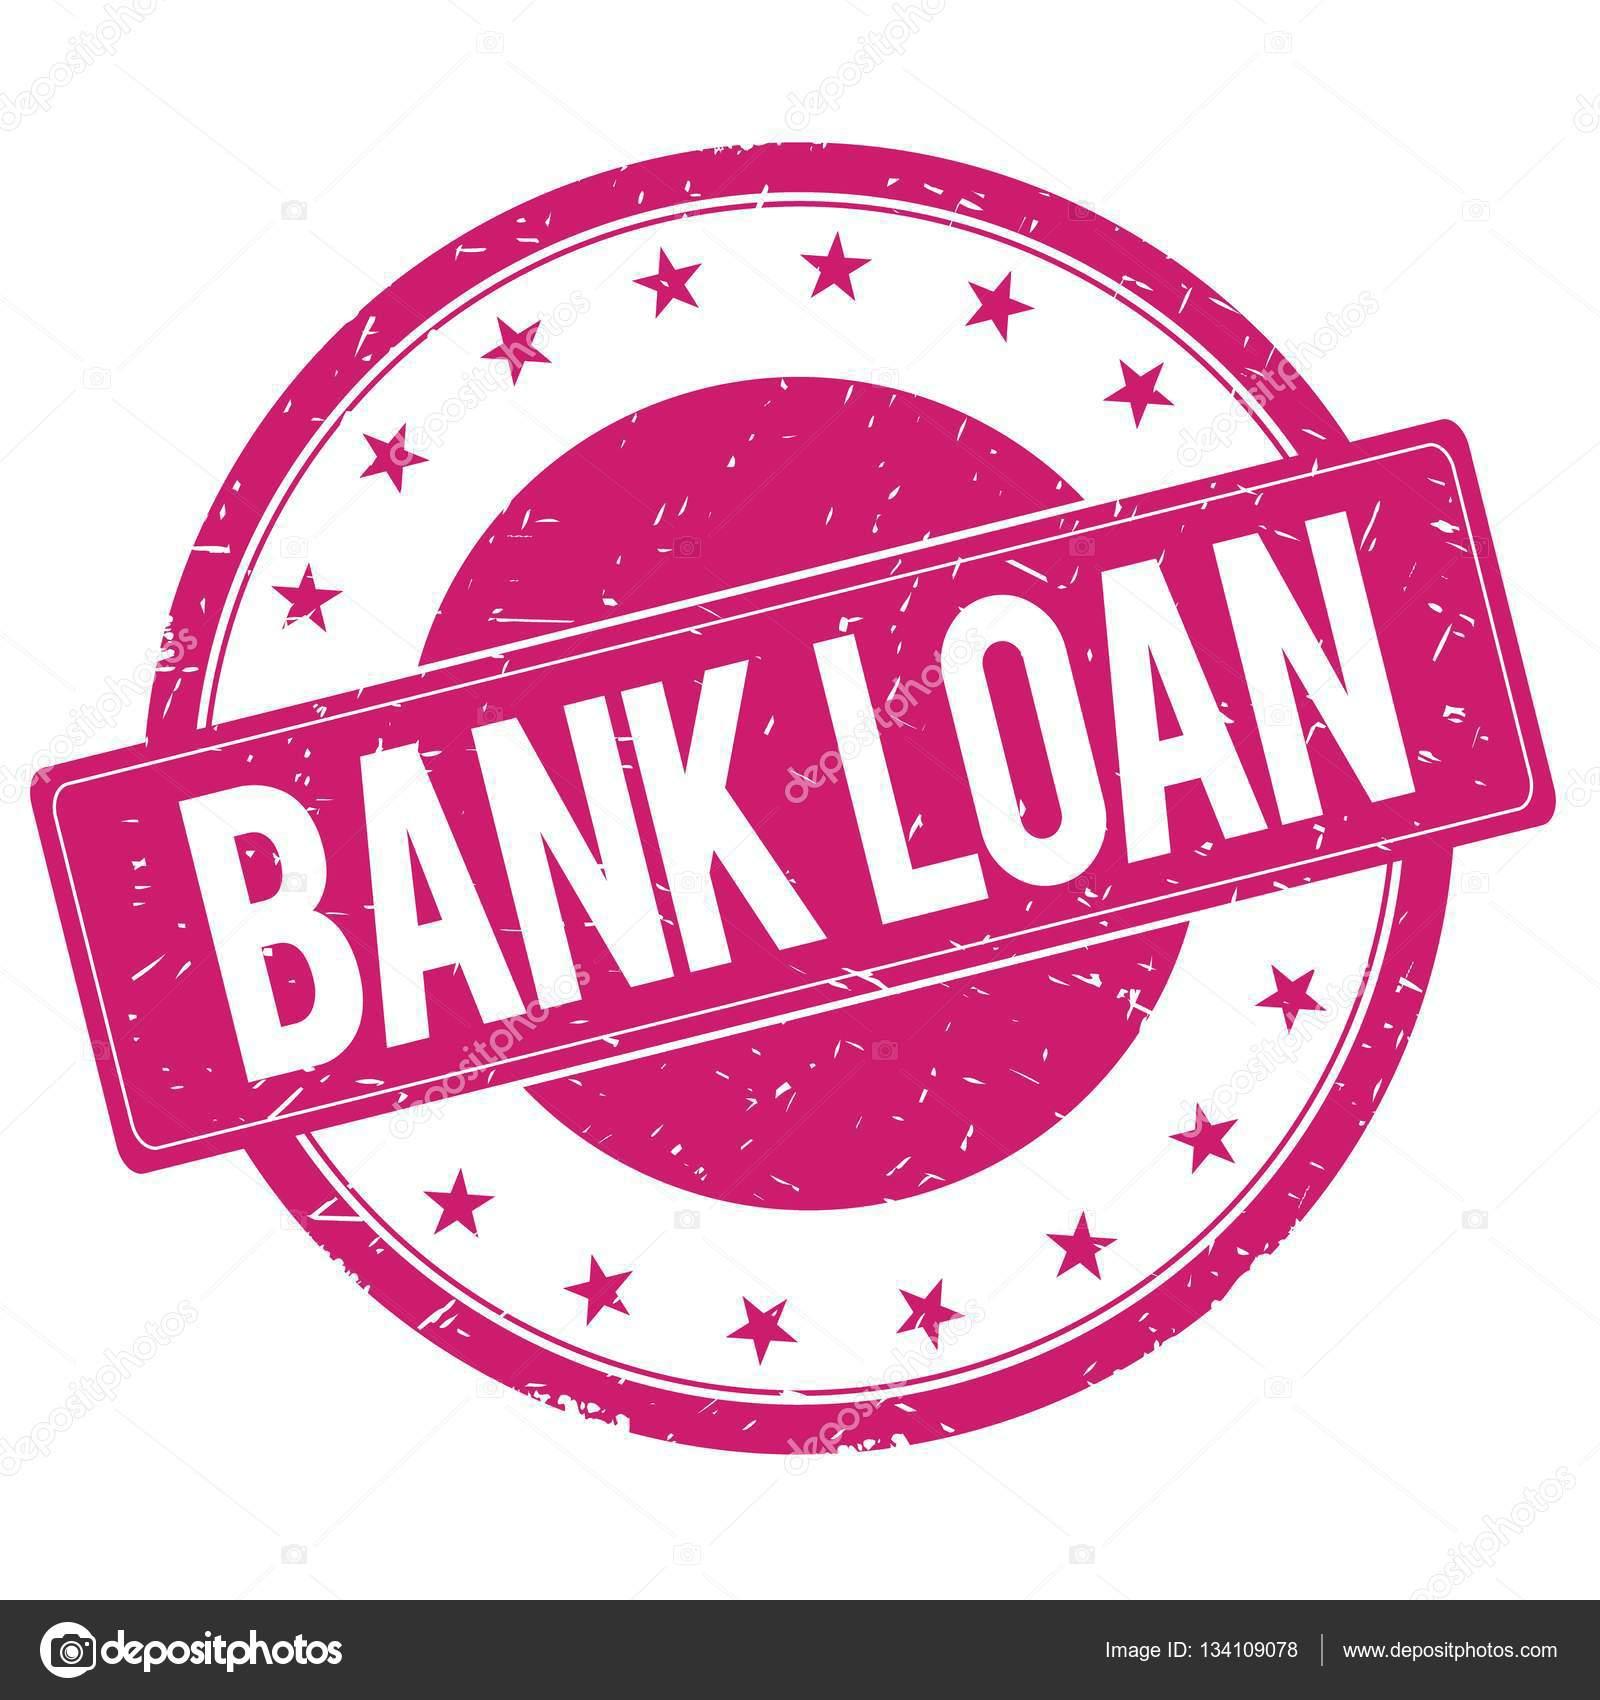 Půjčka zástava image 1